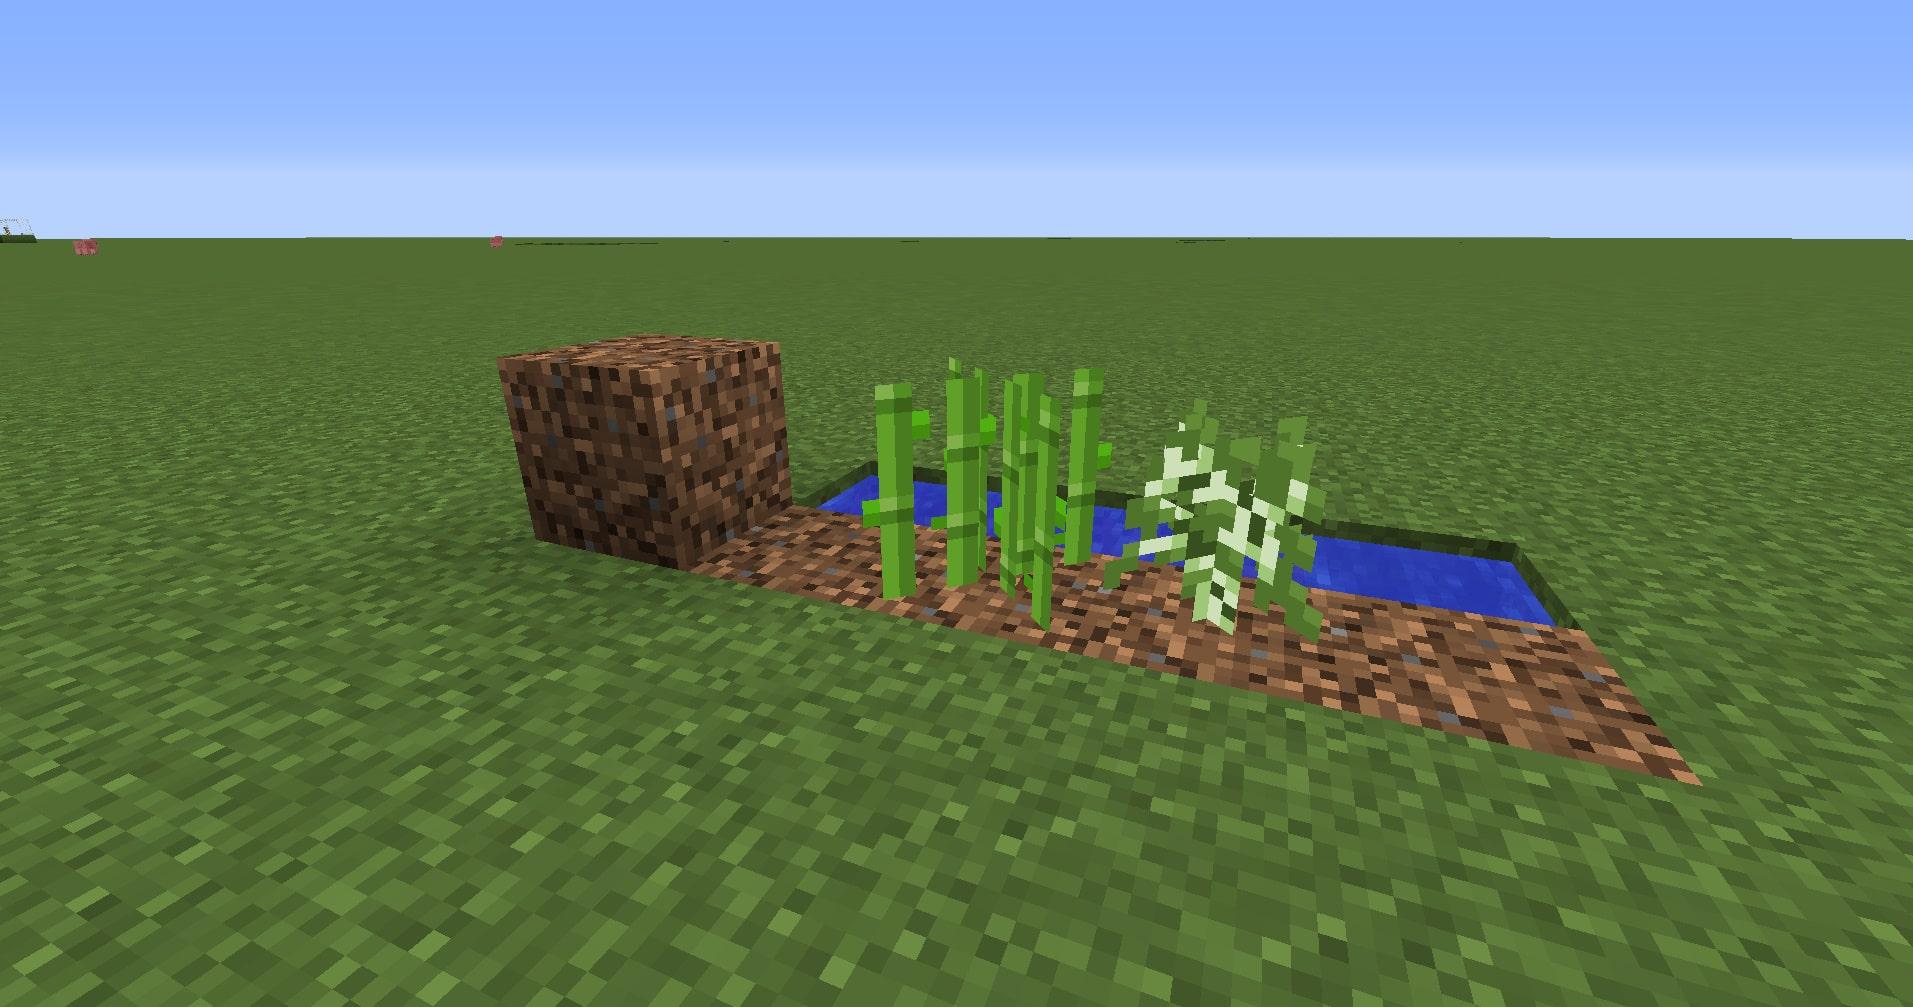 マインクラフト攻略 粗い土の使い方